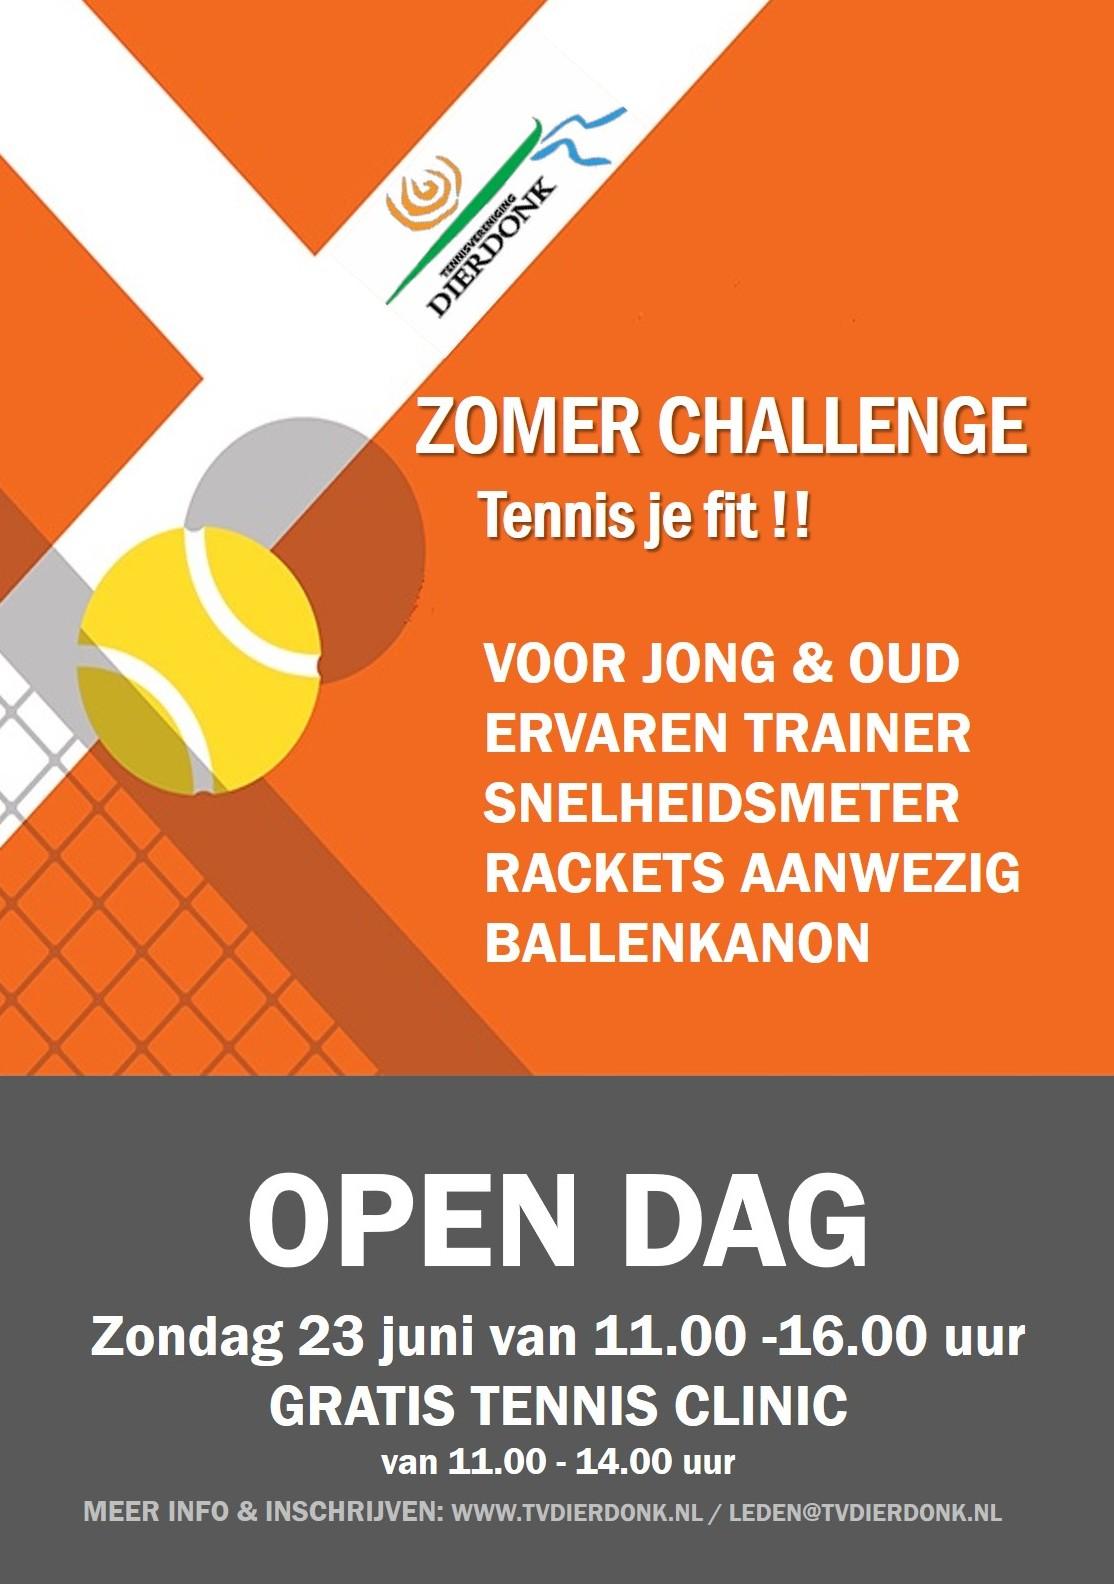 FLyer Zomer Challenge def